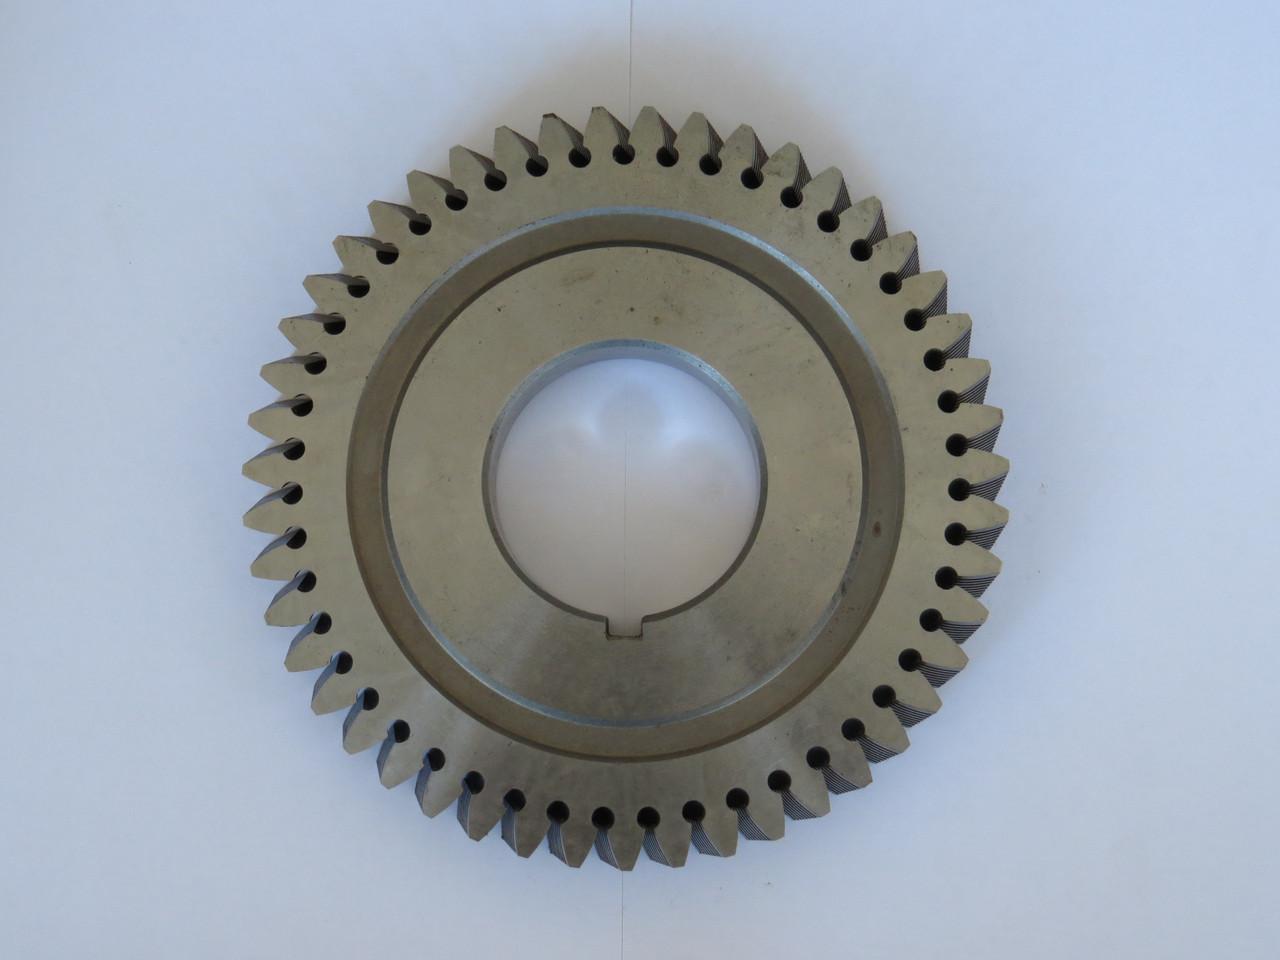 Шевер дисковый М4.0 Ø180 Z-41 градус 20* β15* Тип А Р6М5Ф3НП ГОСТ8570-80